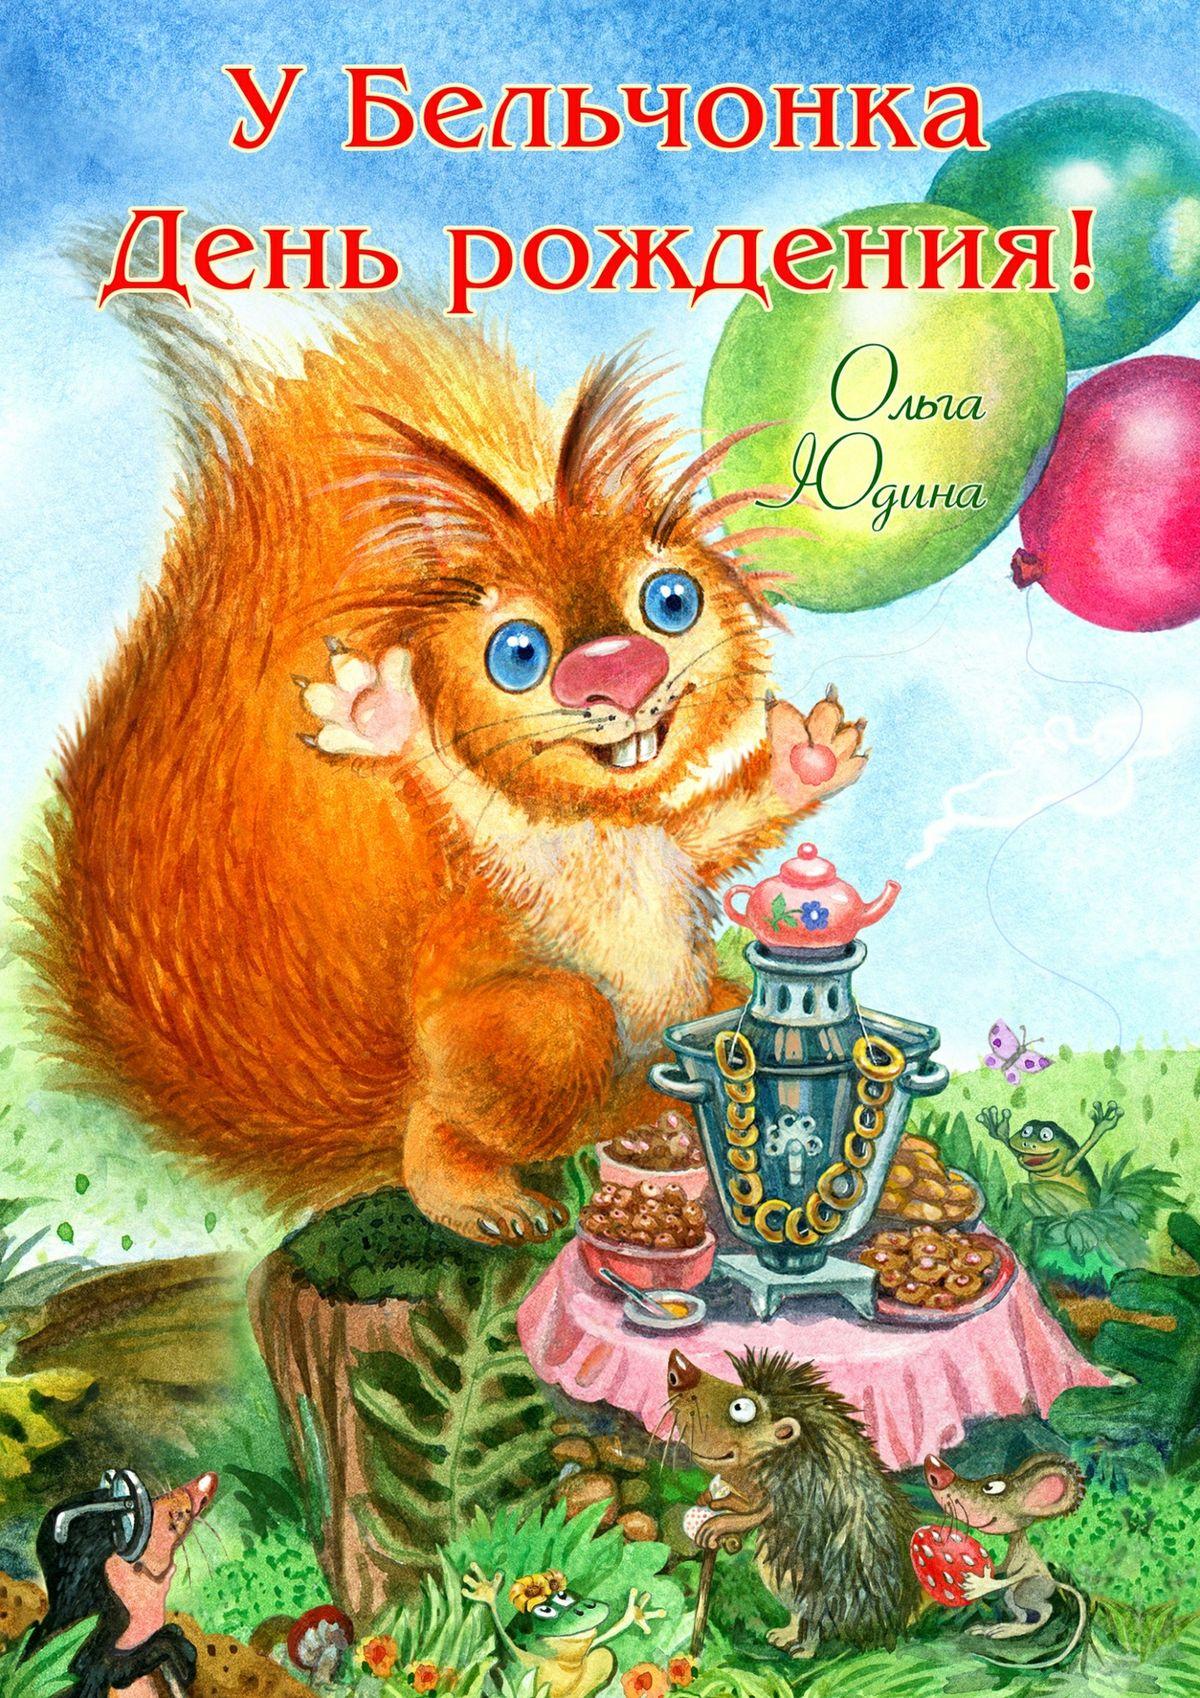 Ольга Юдина УБельчонка День рождения!